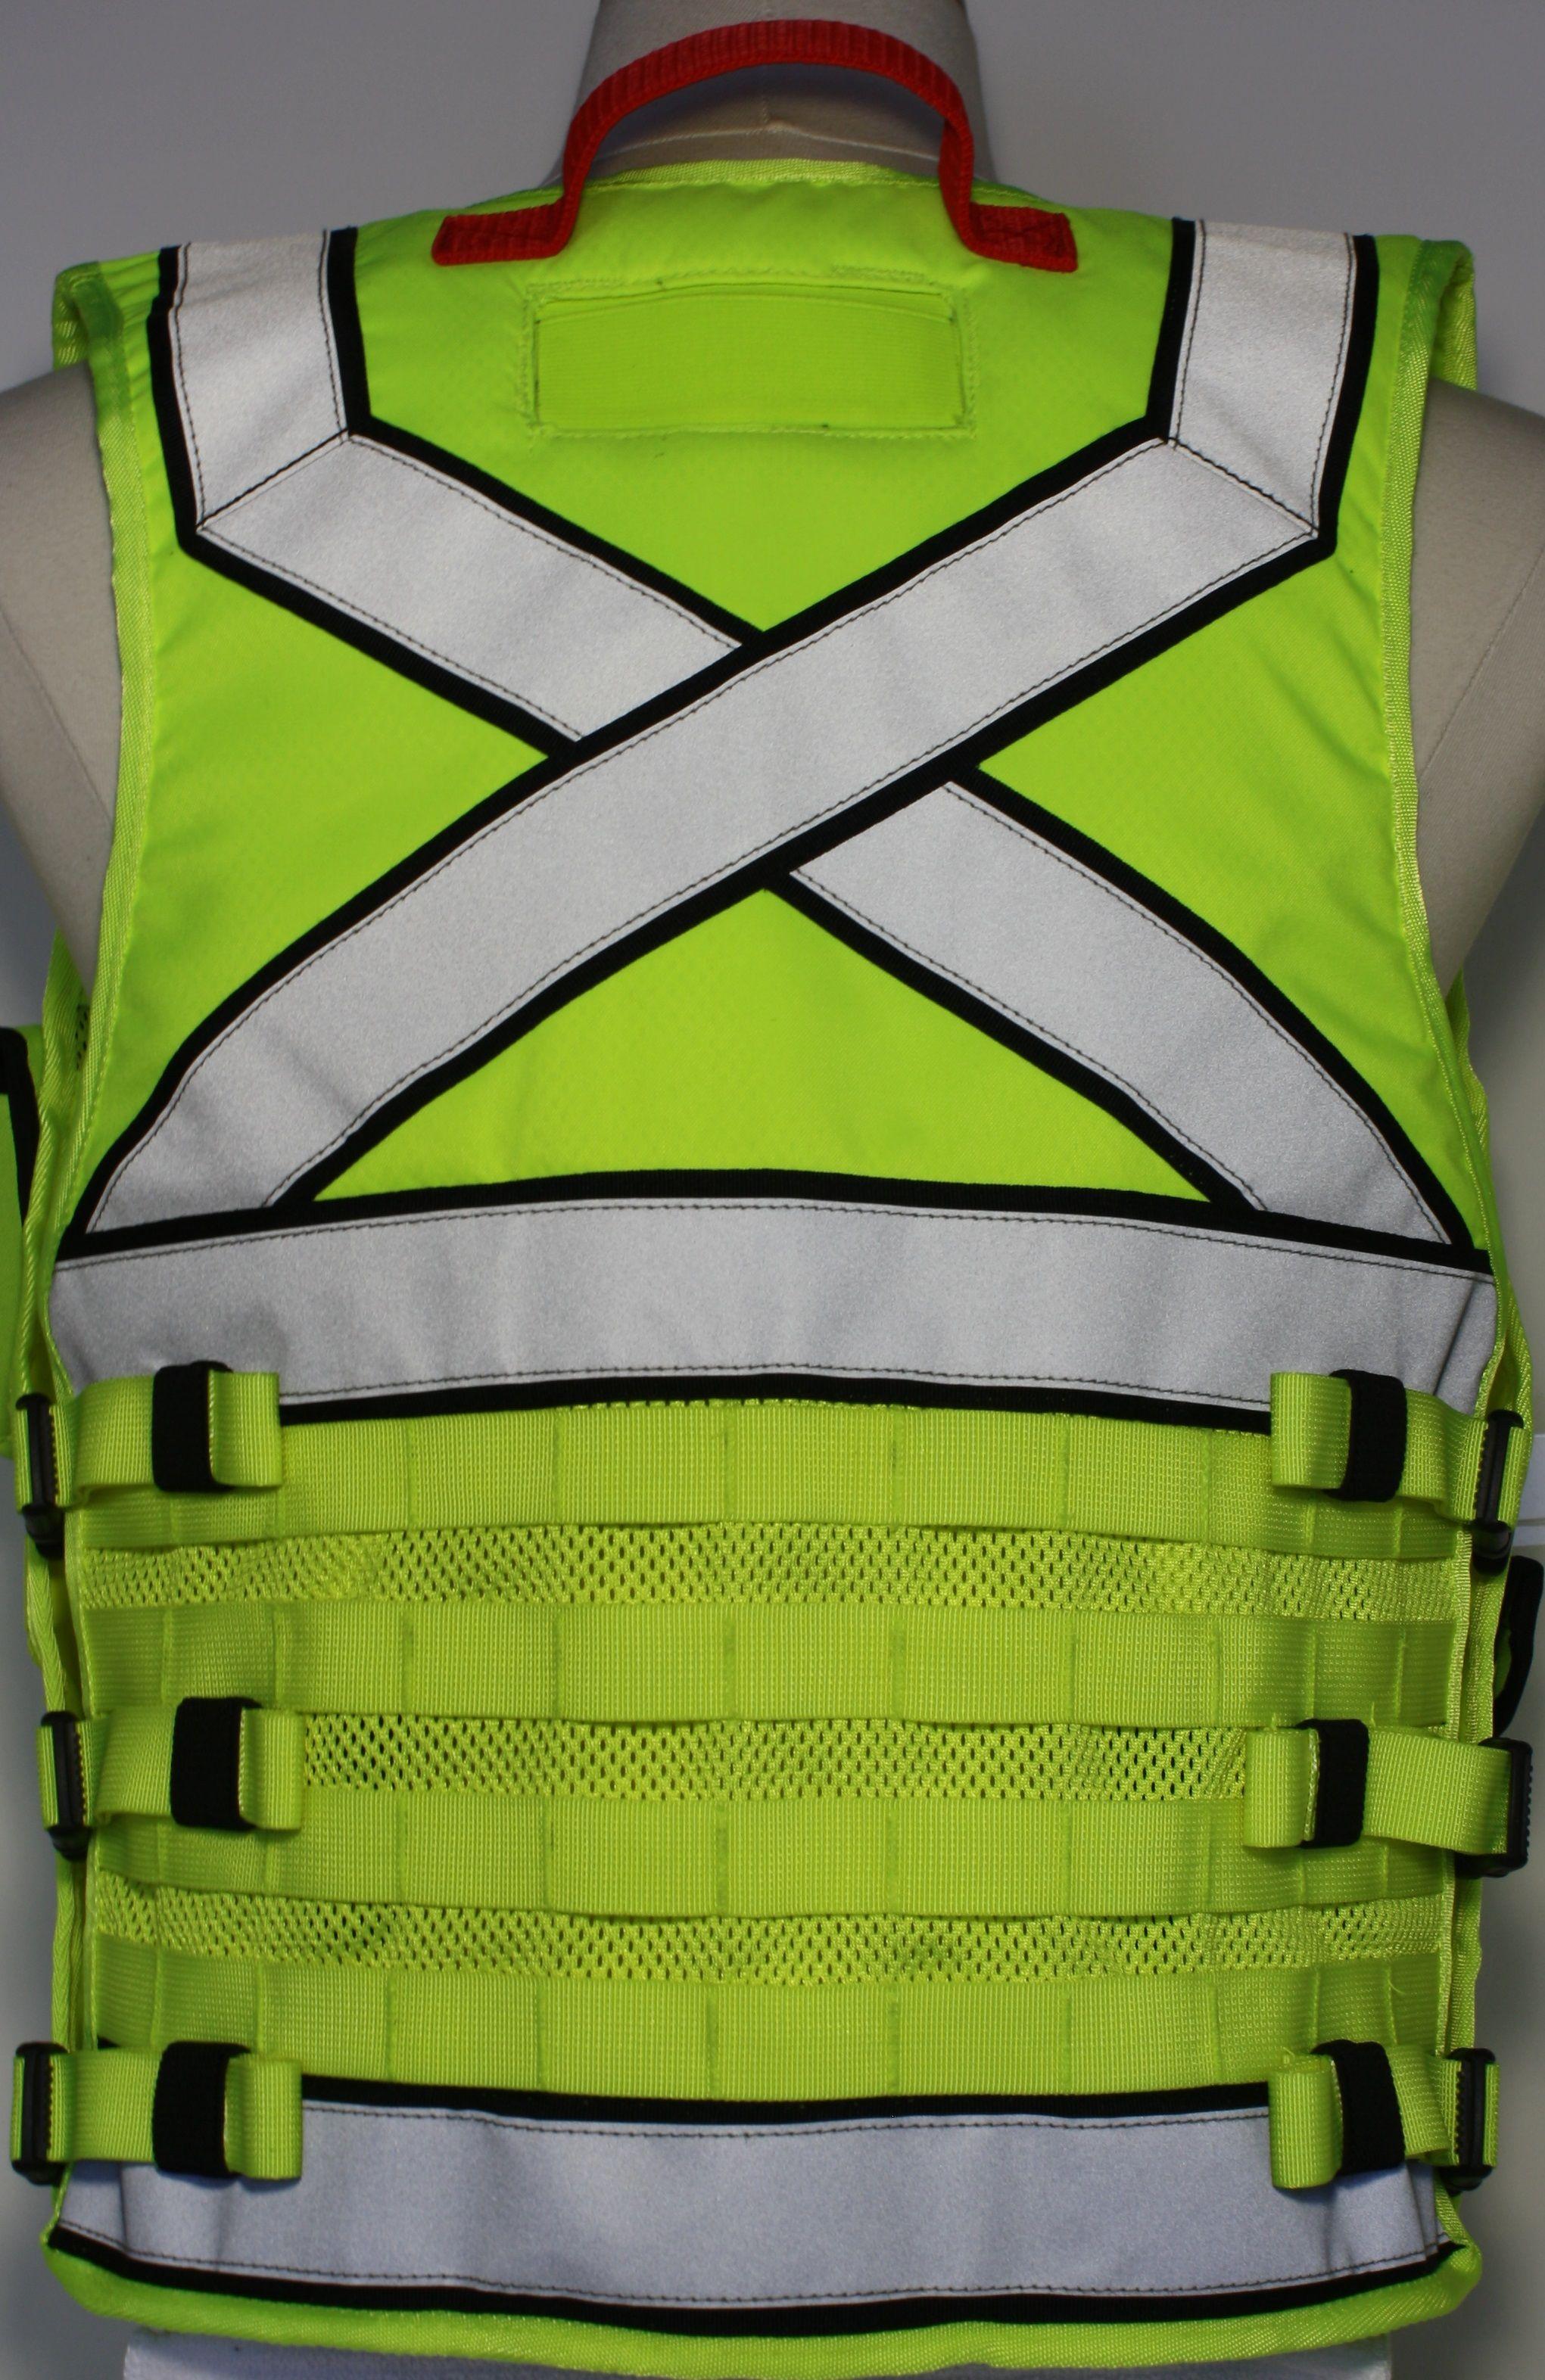 Hi-Viz MOLLE vest, available with X or parallel line configuration. www.dutyapprel.com